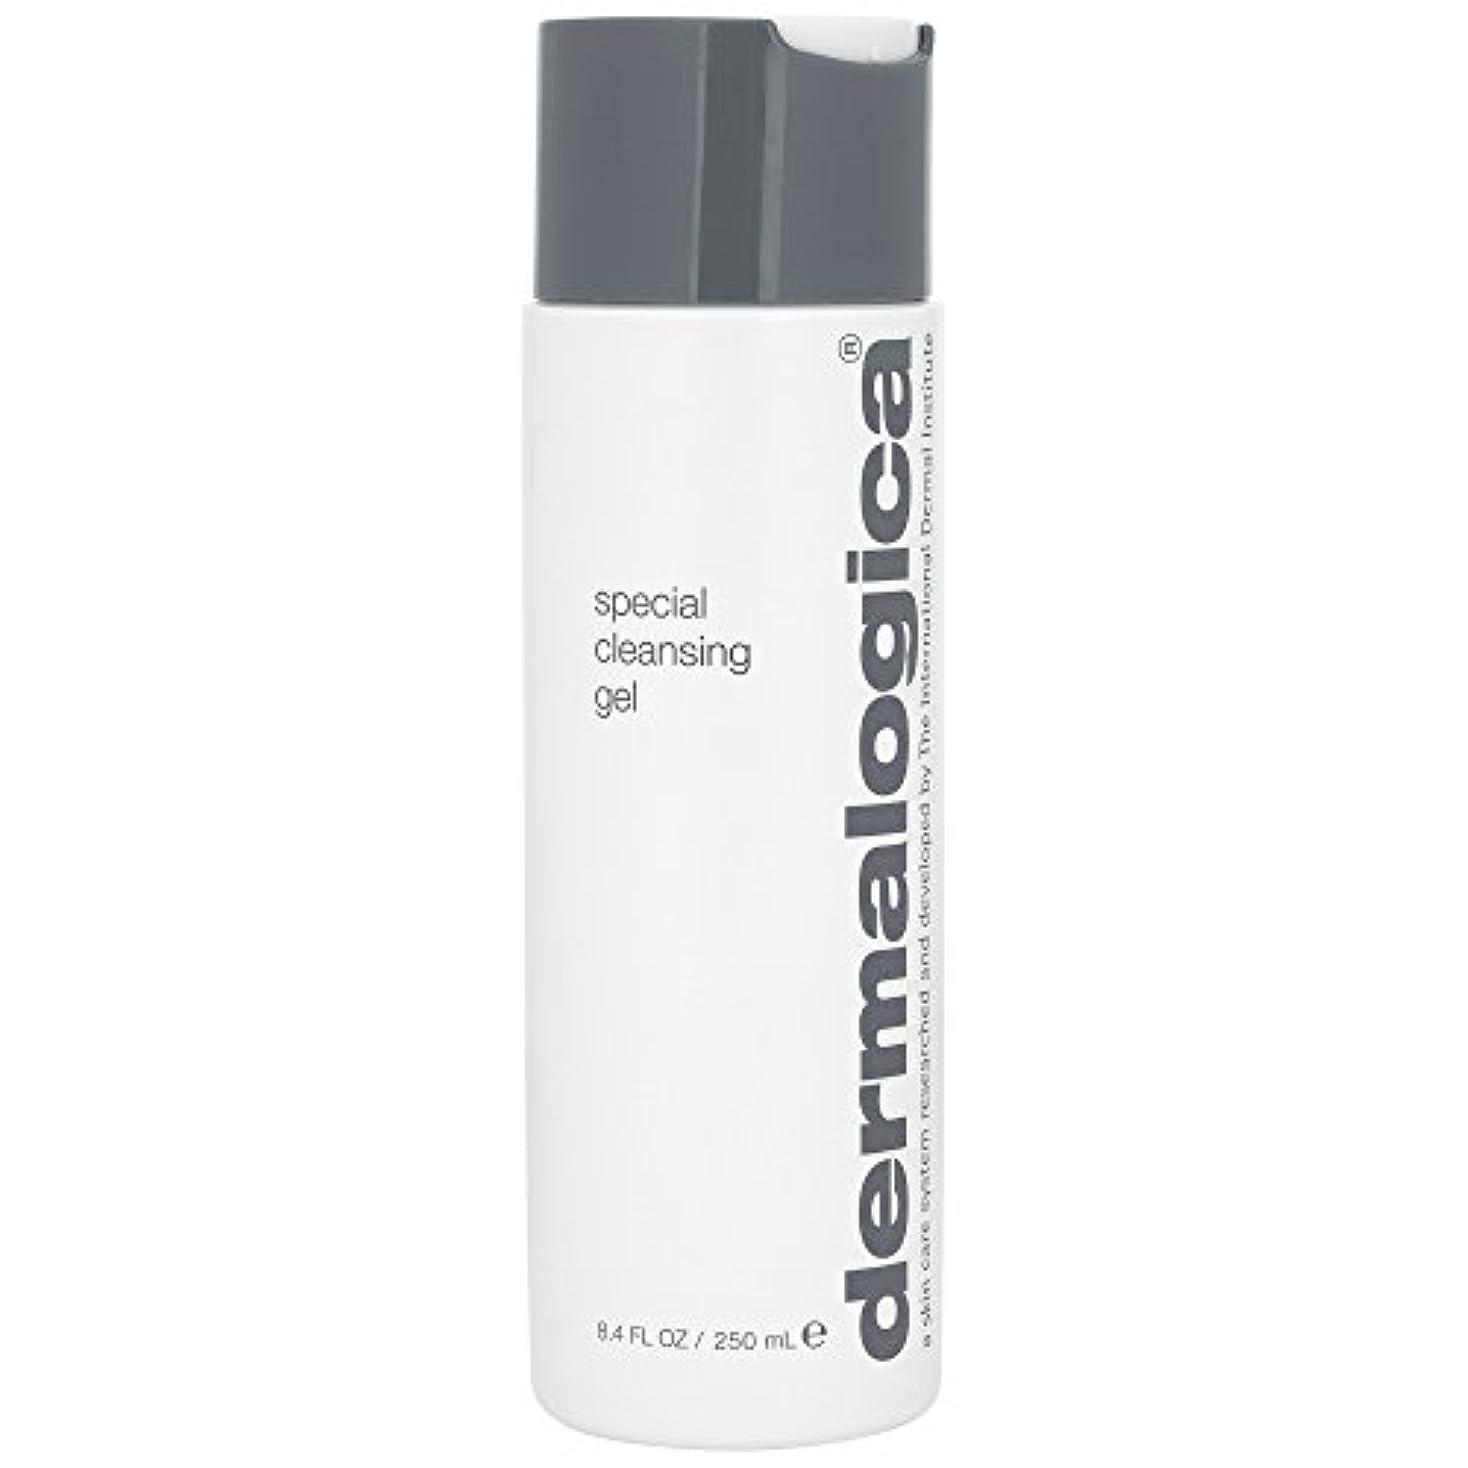 ずるい鼓舞する乱暴なダーマロジカ特別なクレンジングゲル250ミリリットル (Dermalogica) (x2) - Dermalogica Special Cleansing Gel 250ml (Pack of 2) [並行輸入品]